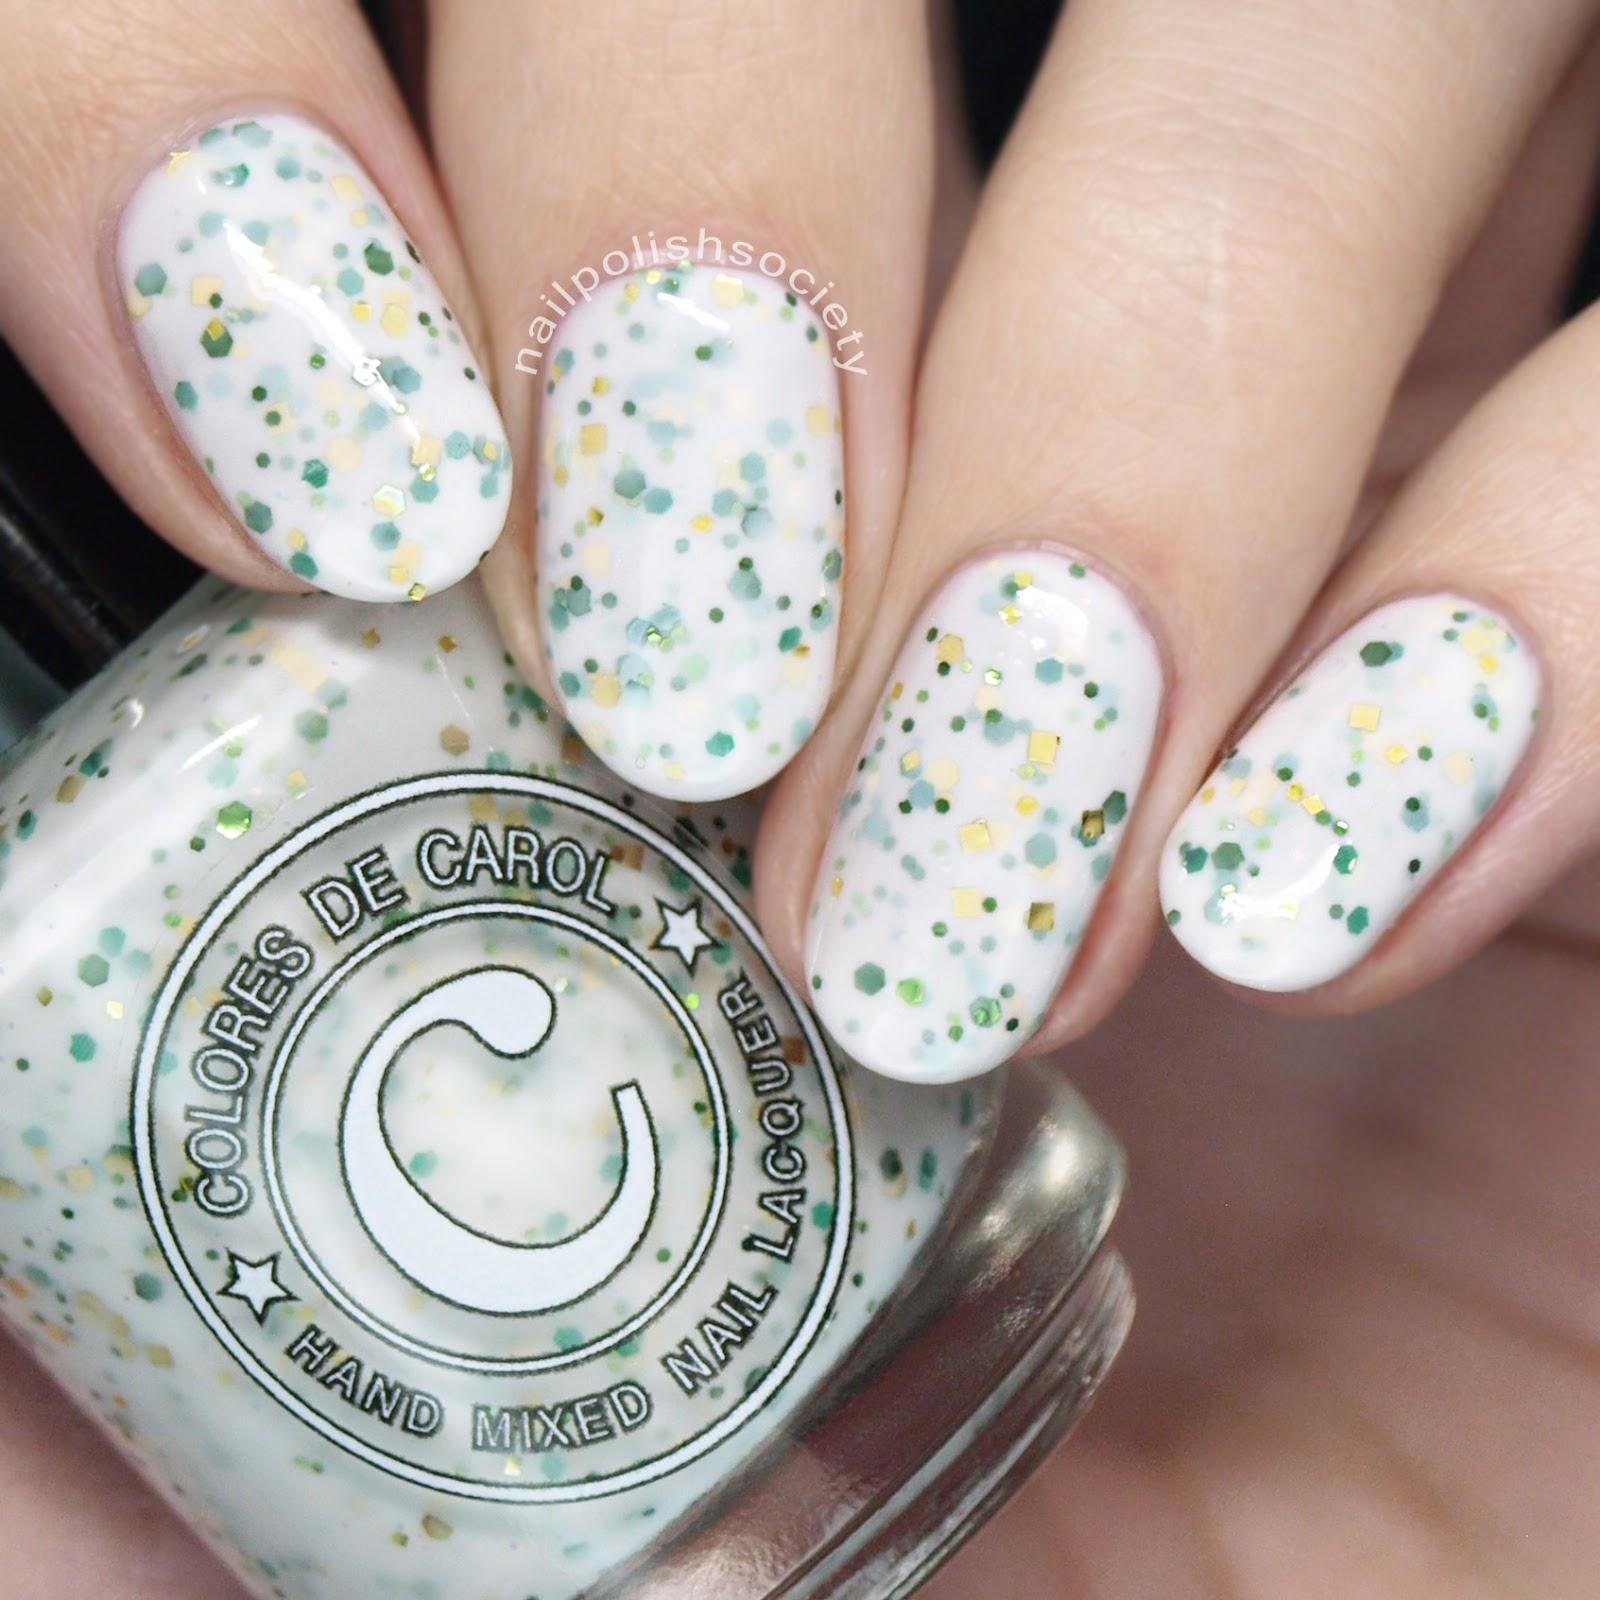 Nail Polish Society: Colores de Carol St. Patrick\'s Day Duo and ...